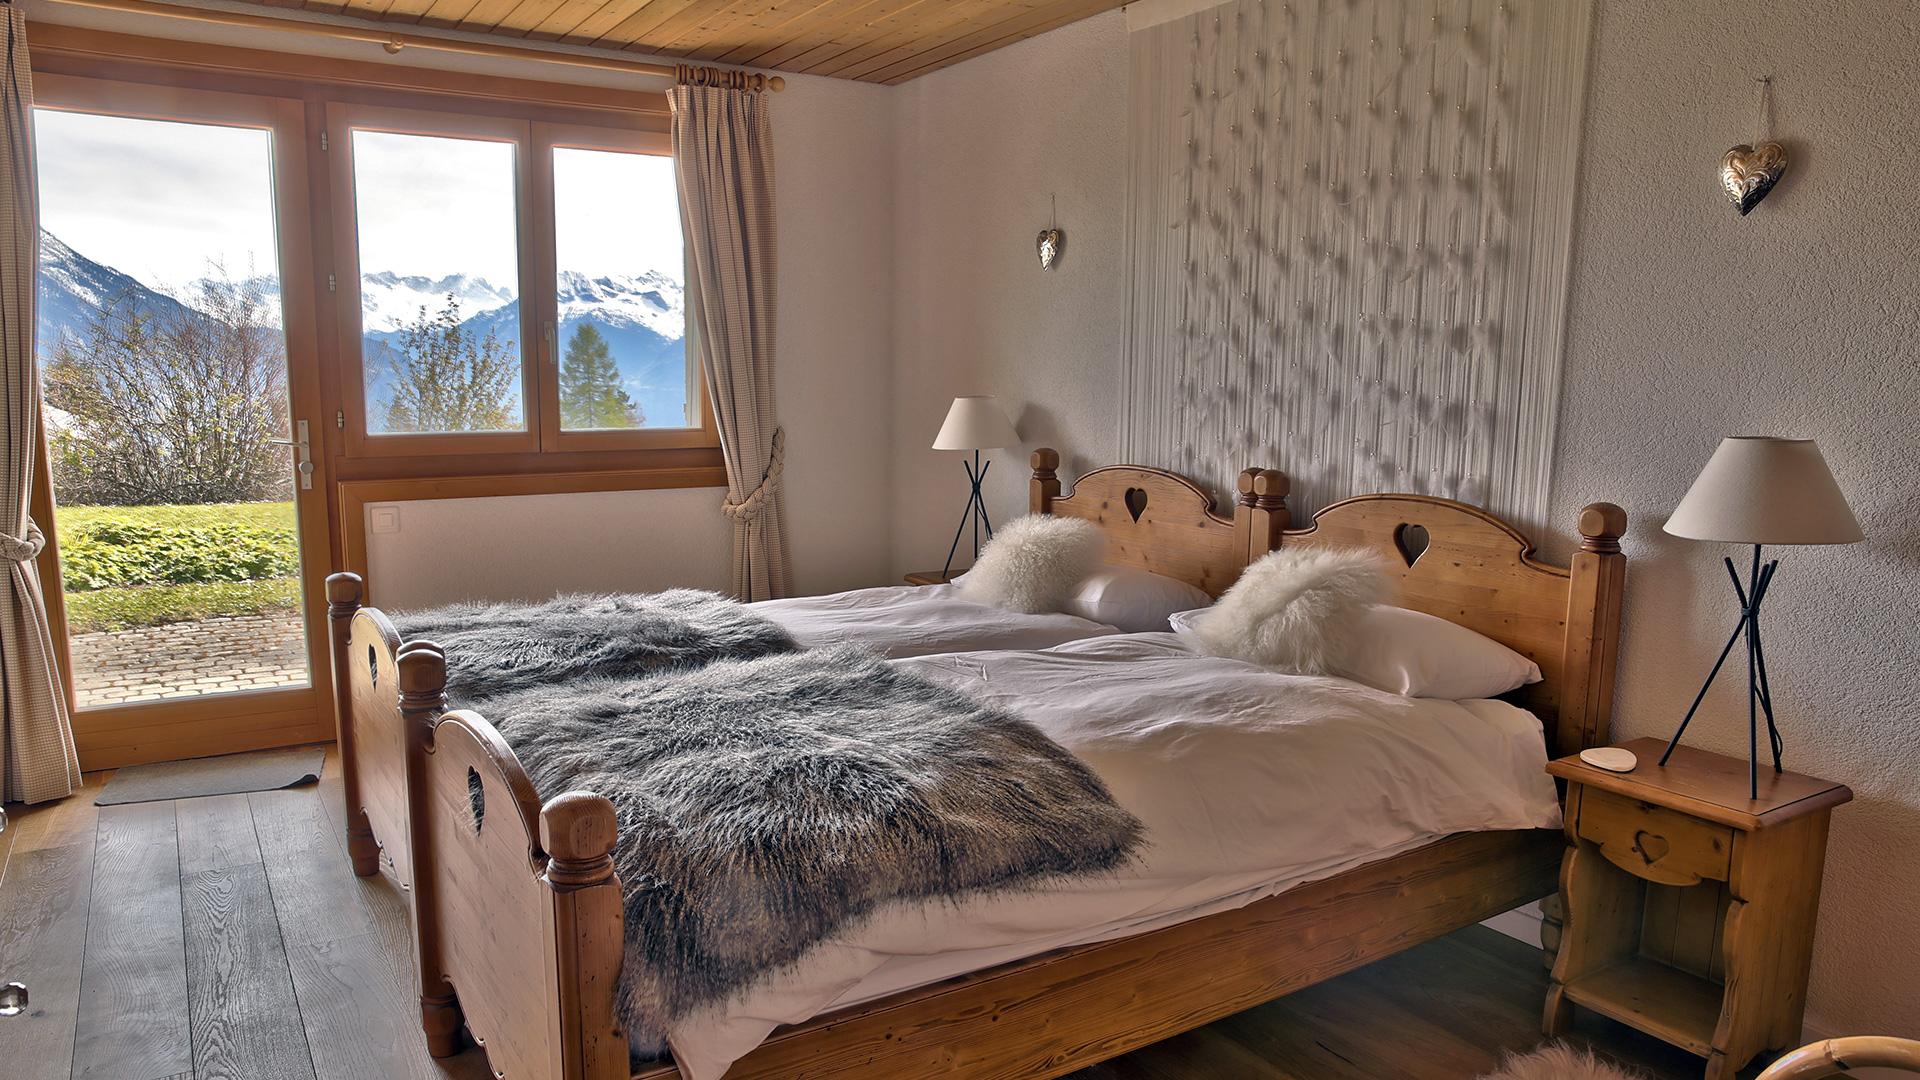 Chalet Achillea Chalet, Switzerland